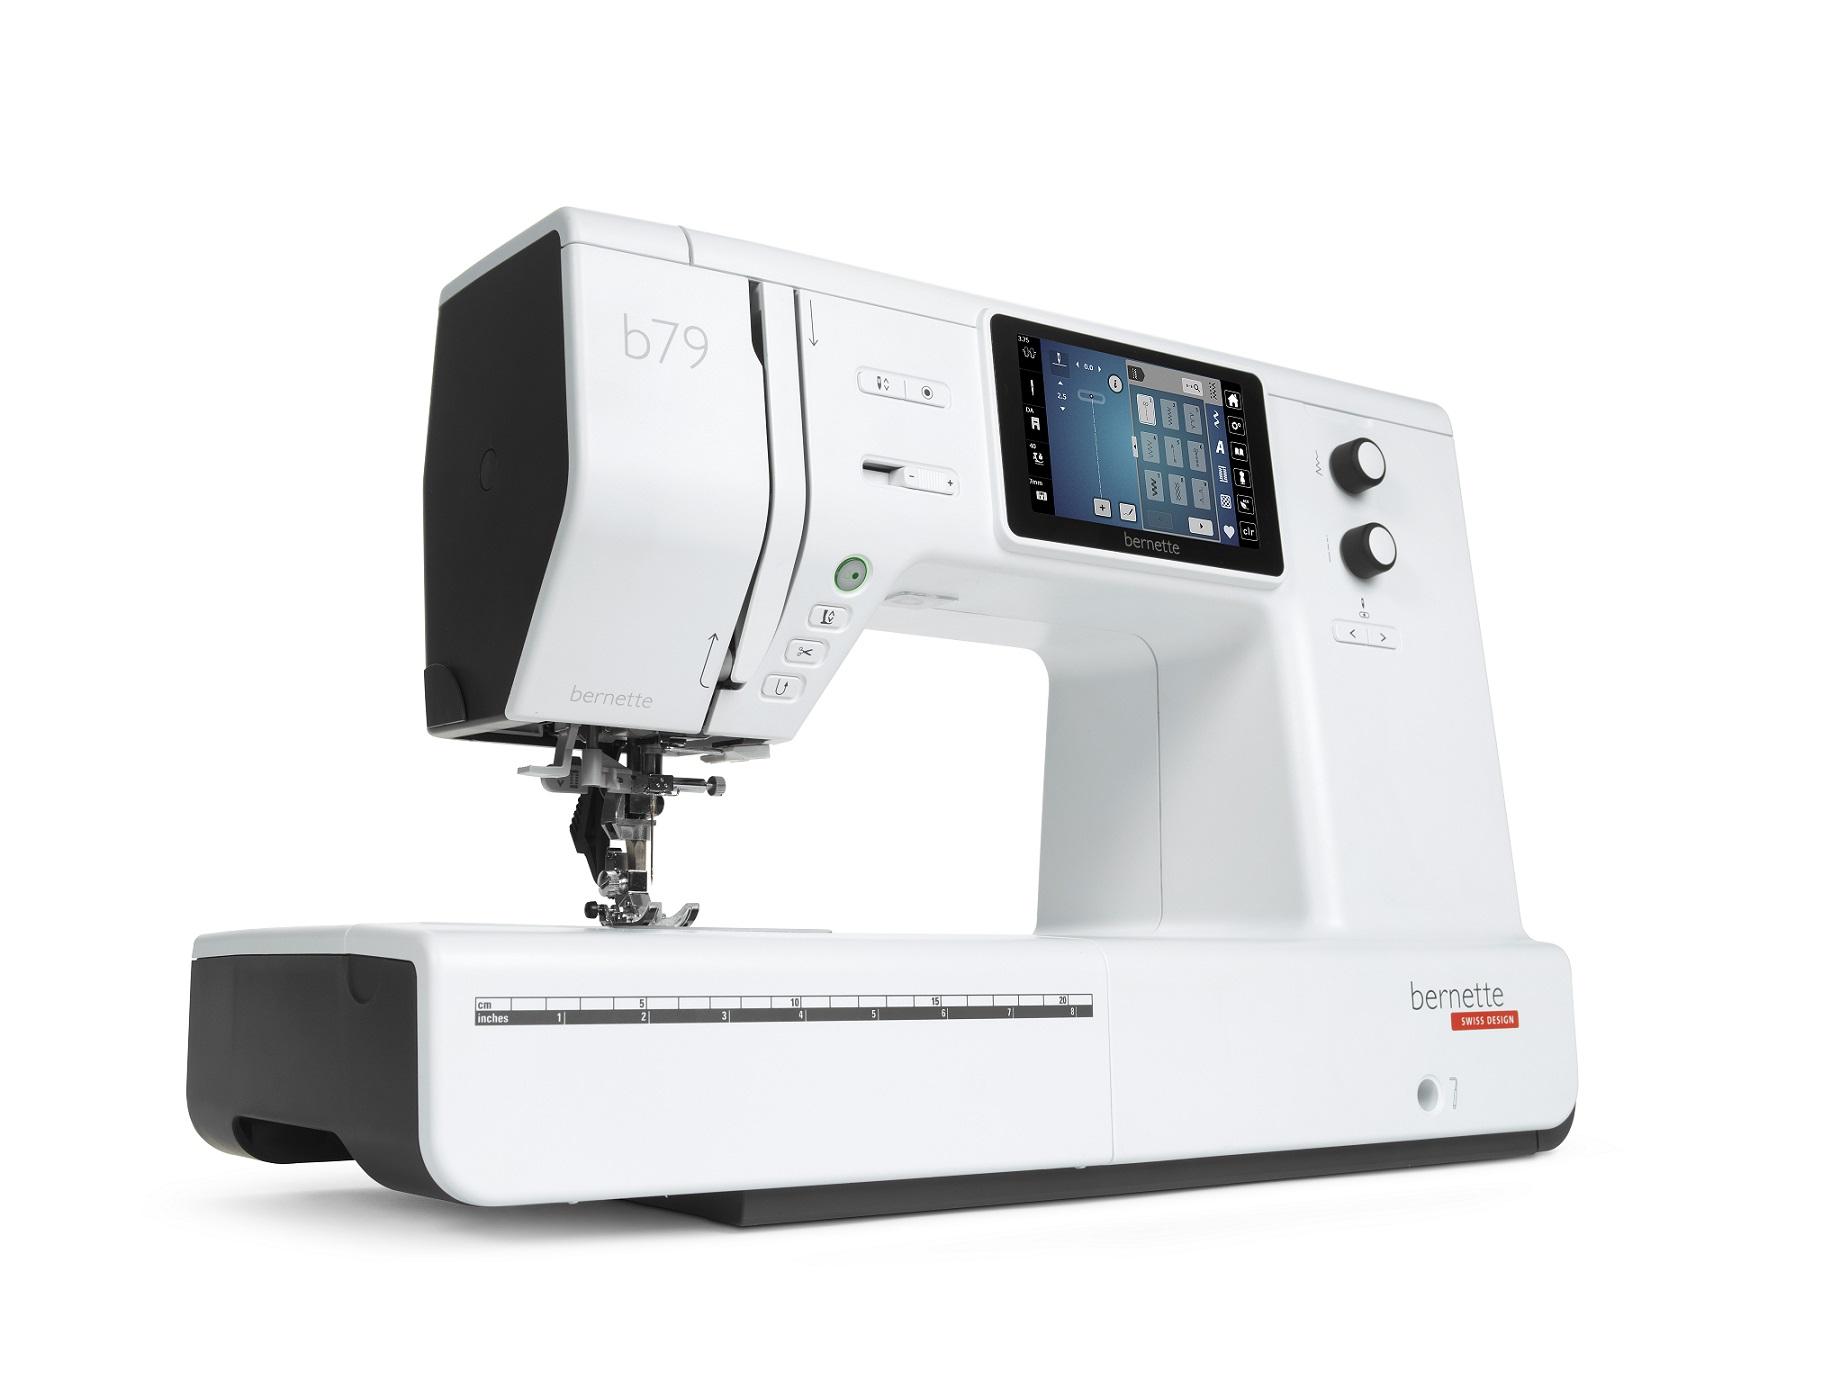 šicí a vyšívací stroj Bernette 79-1